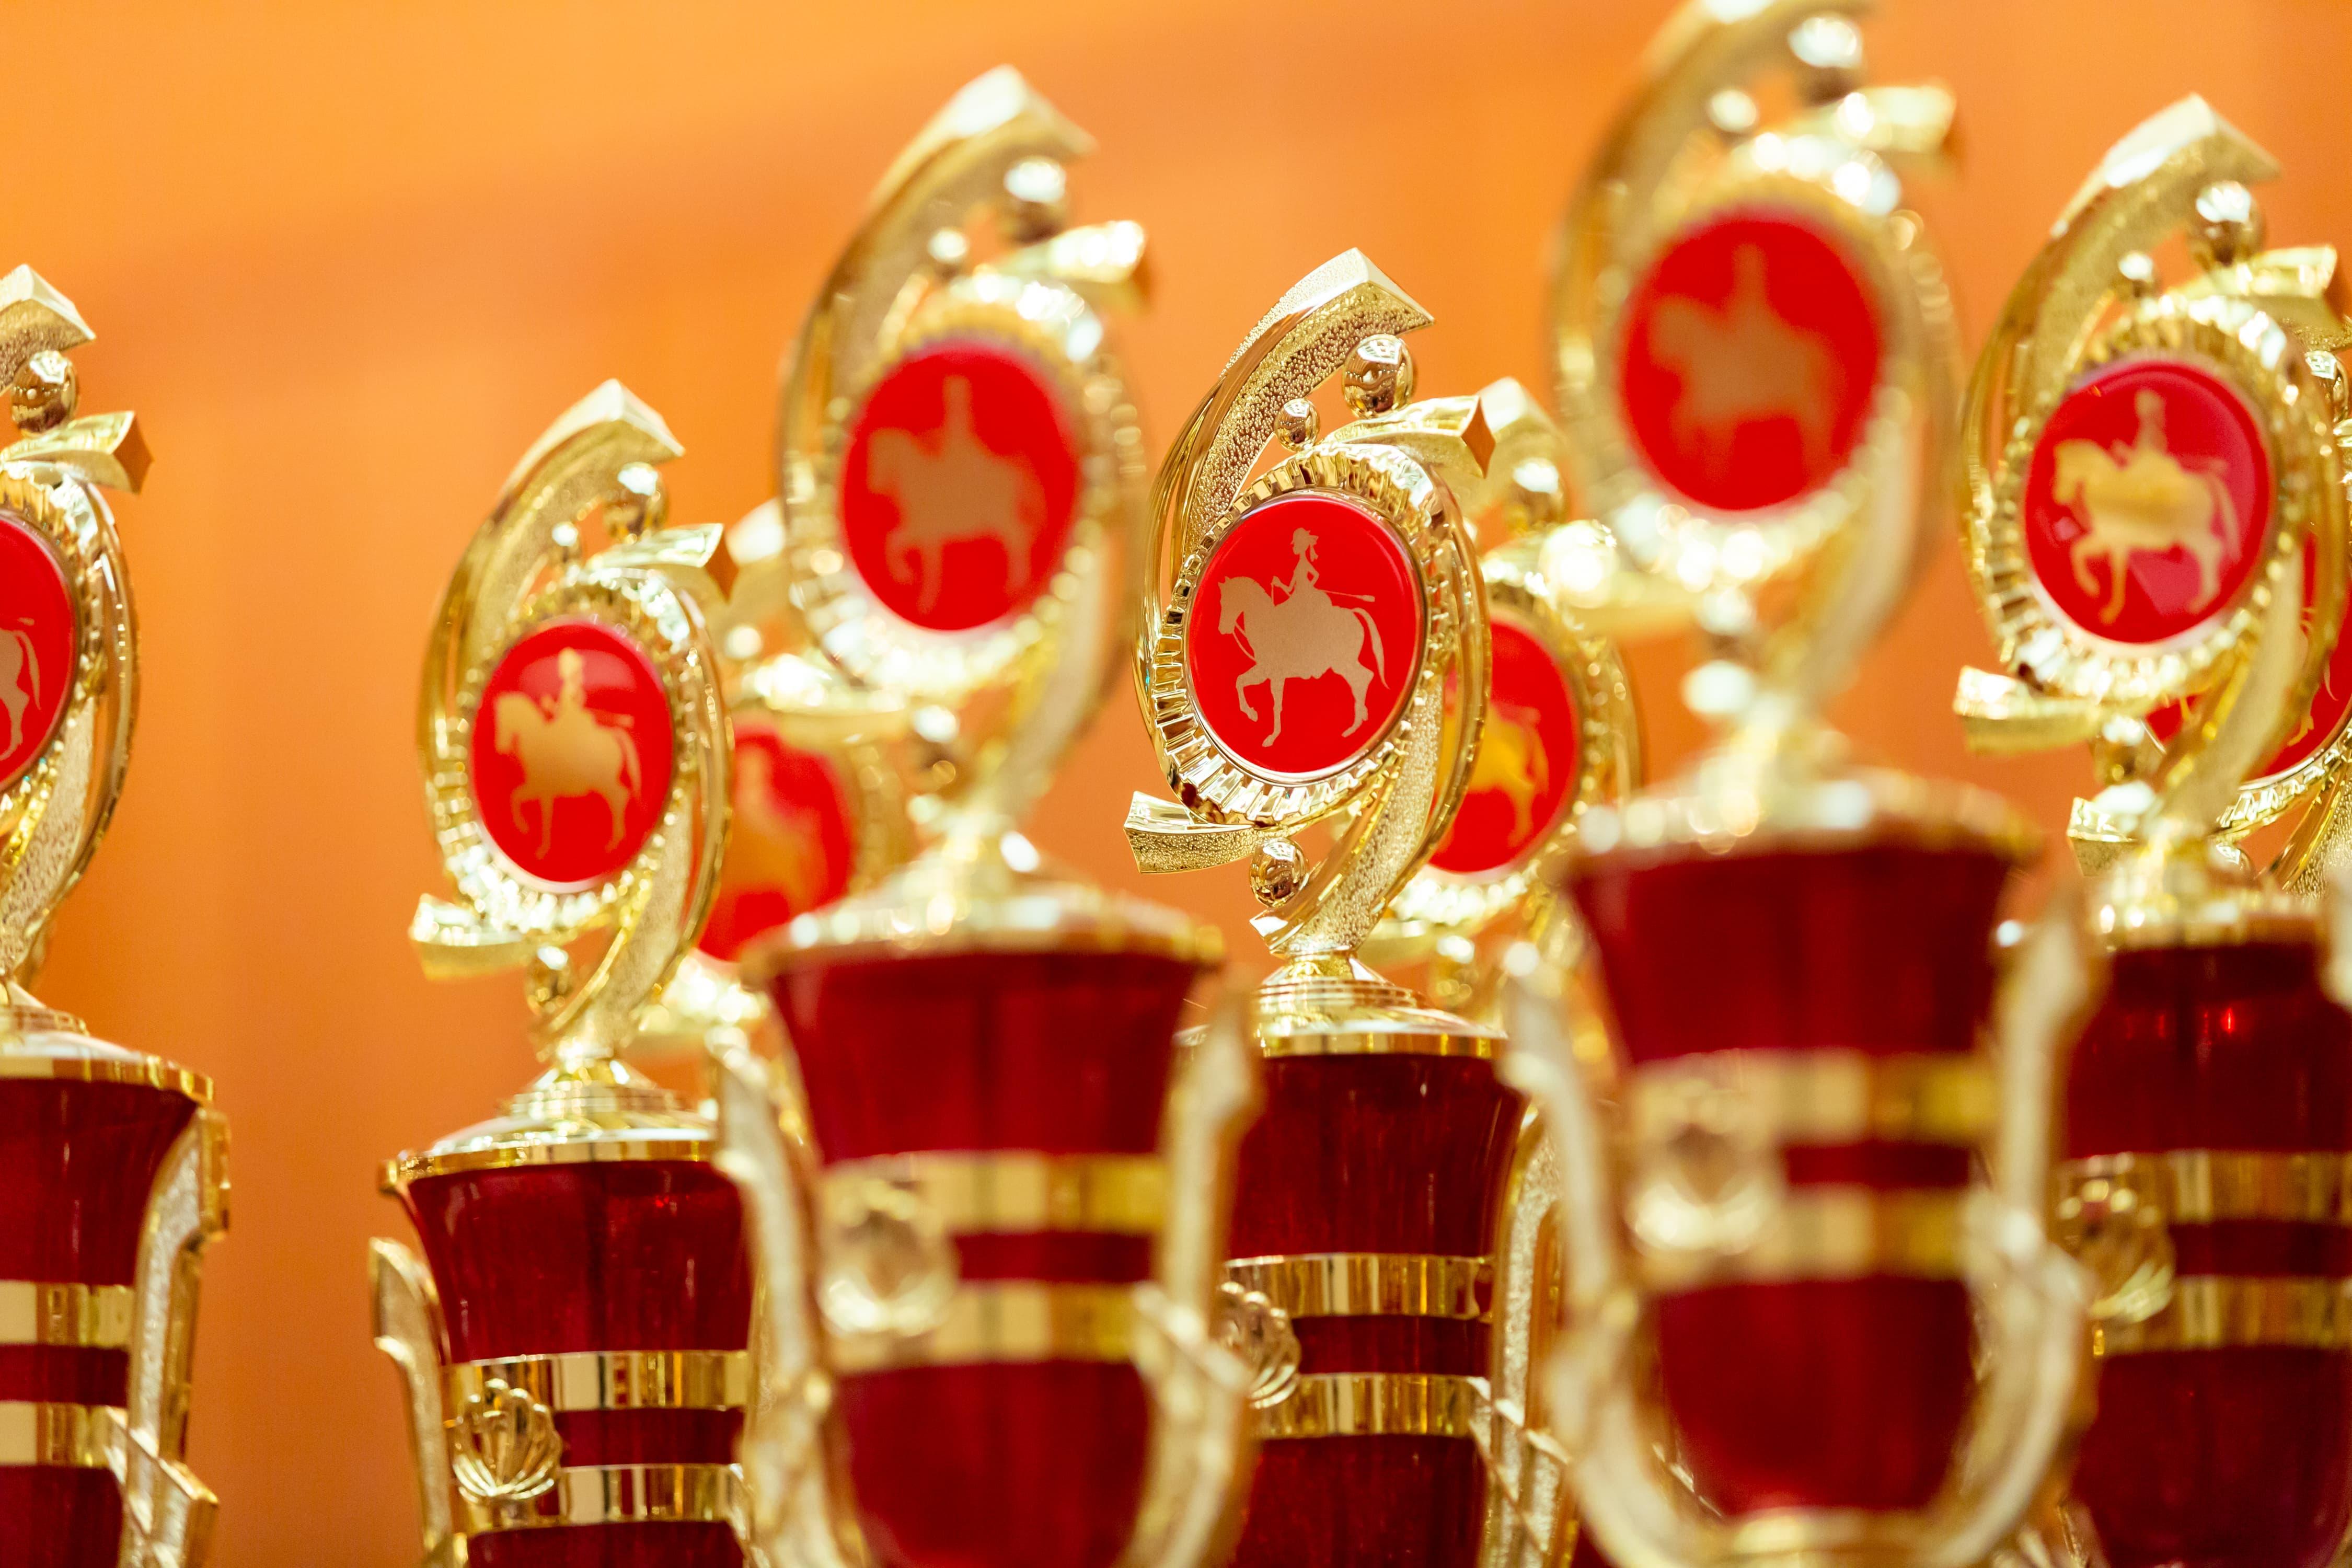 コンクール ブルグミュラー ブルグミュラーコンクール2020おめでとう!